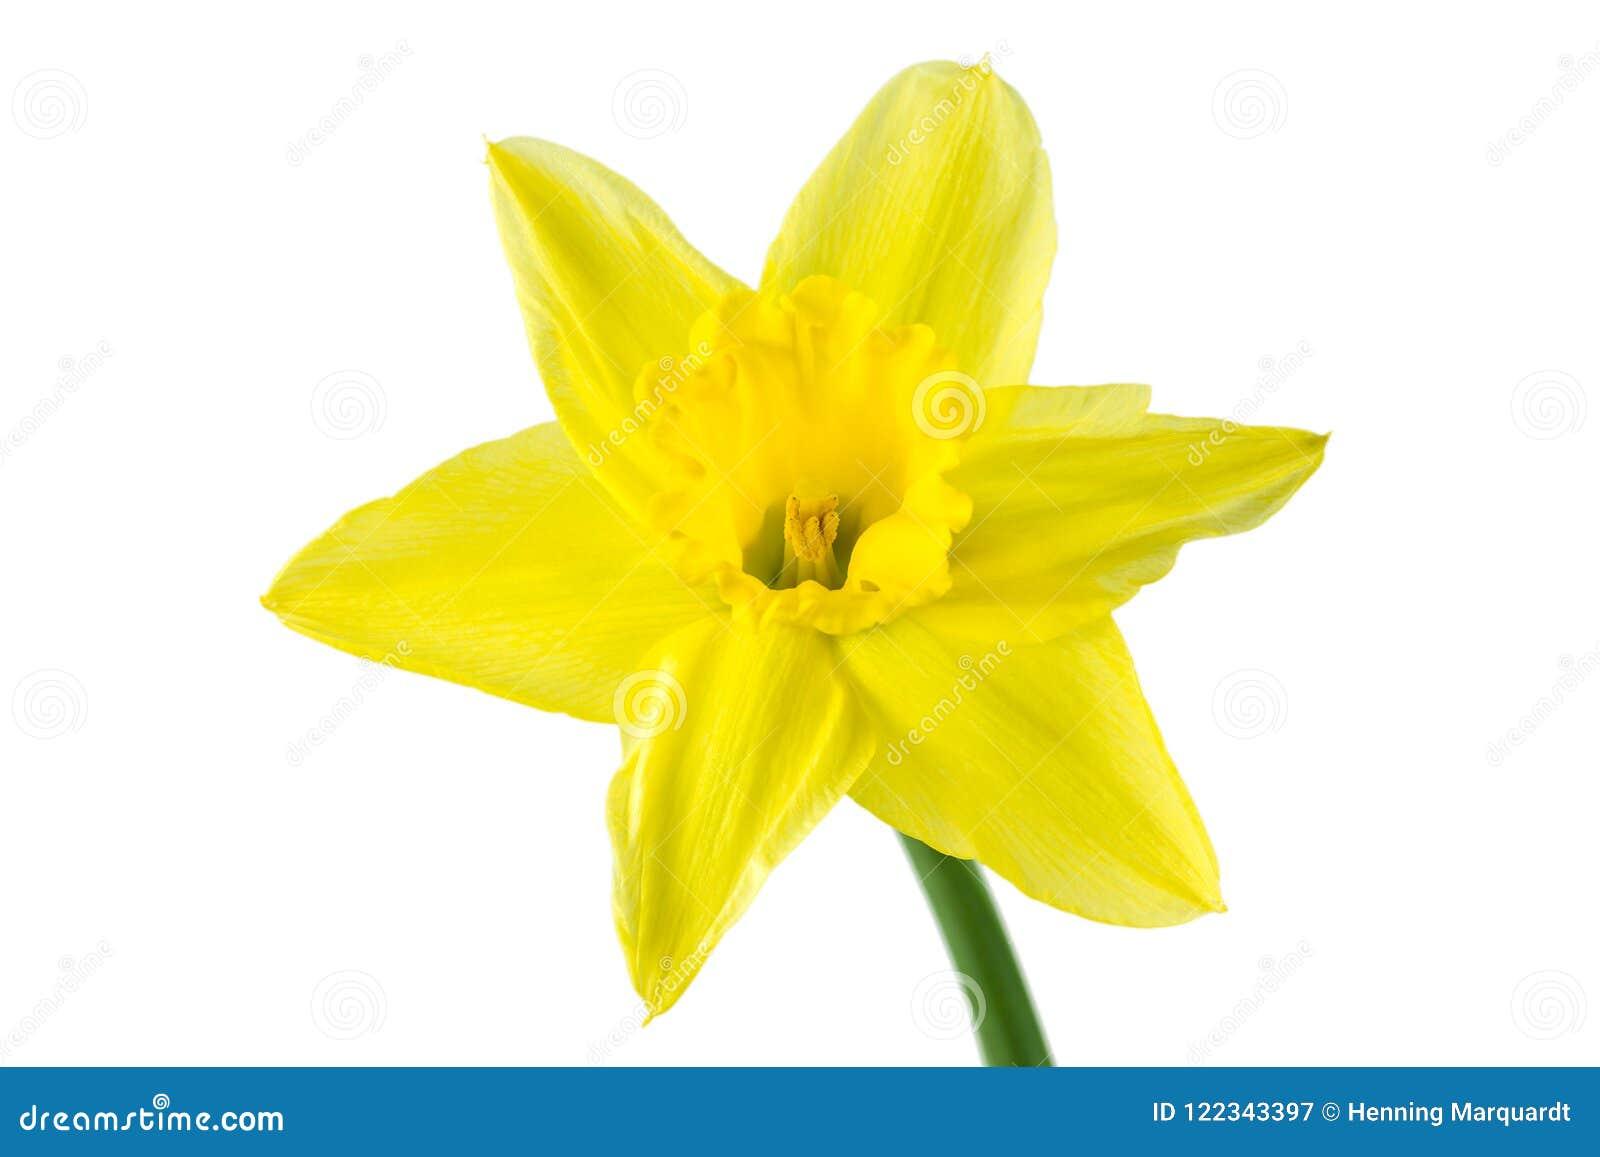 Mooie die gele narcisbloem op witte achtergrond wordt geïsoleerd